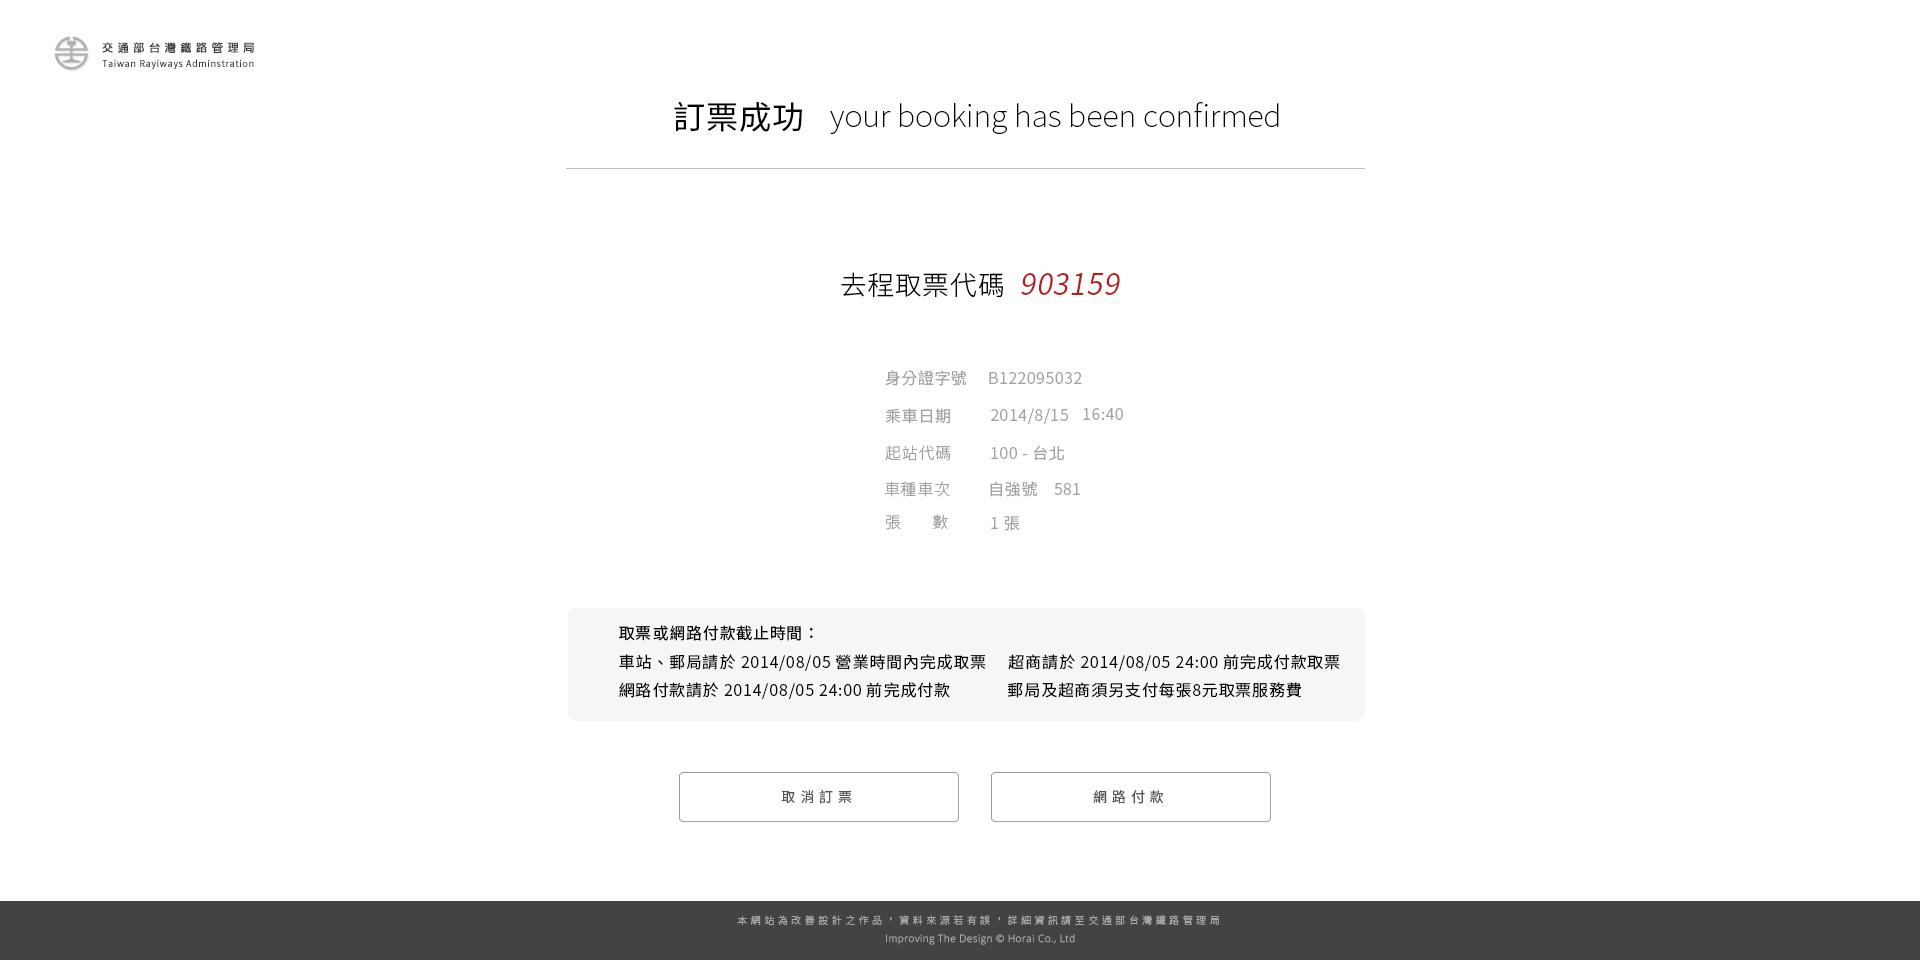 Ttrain single_booking